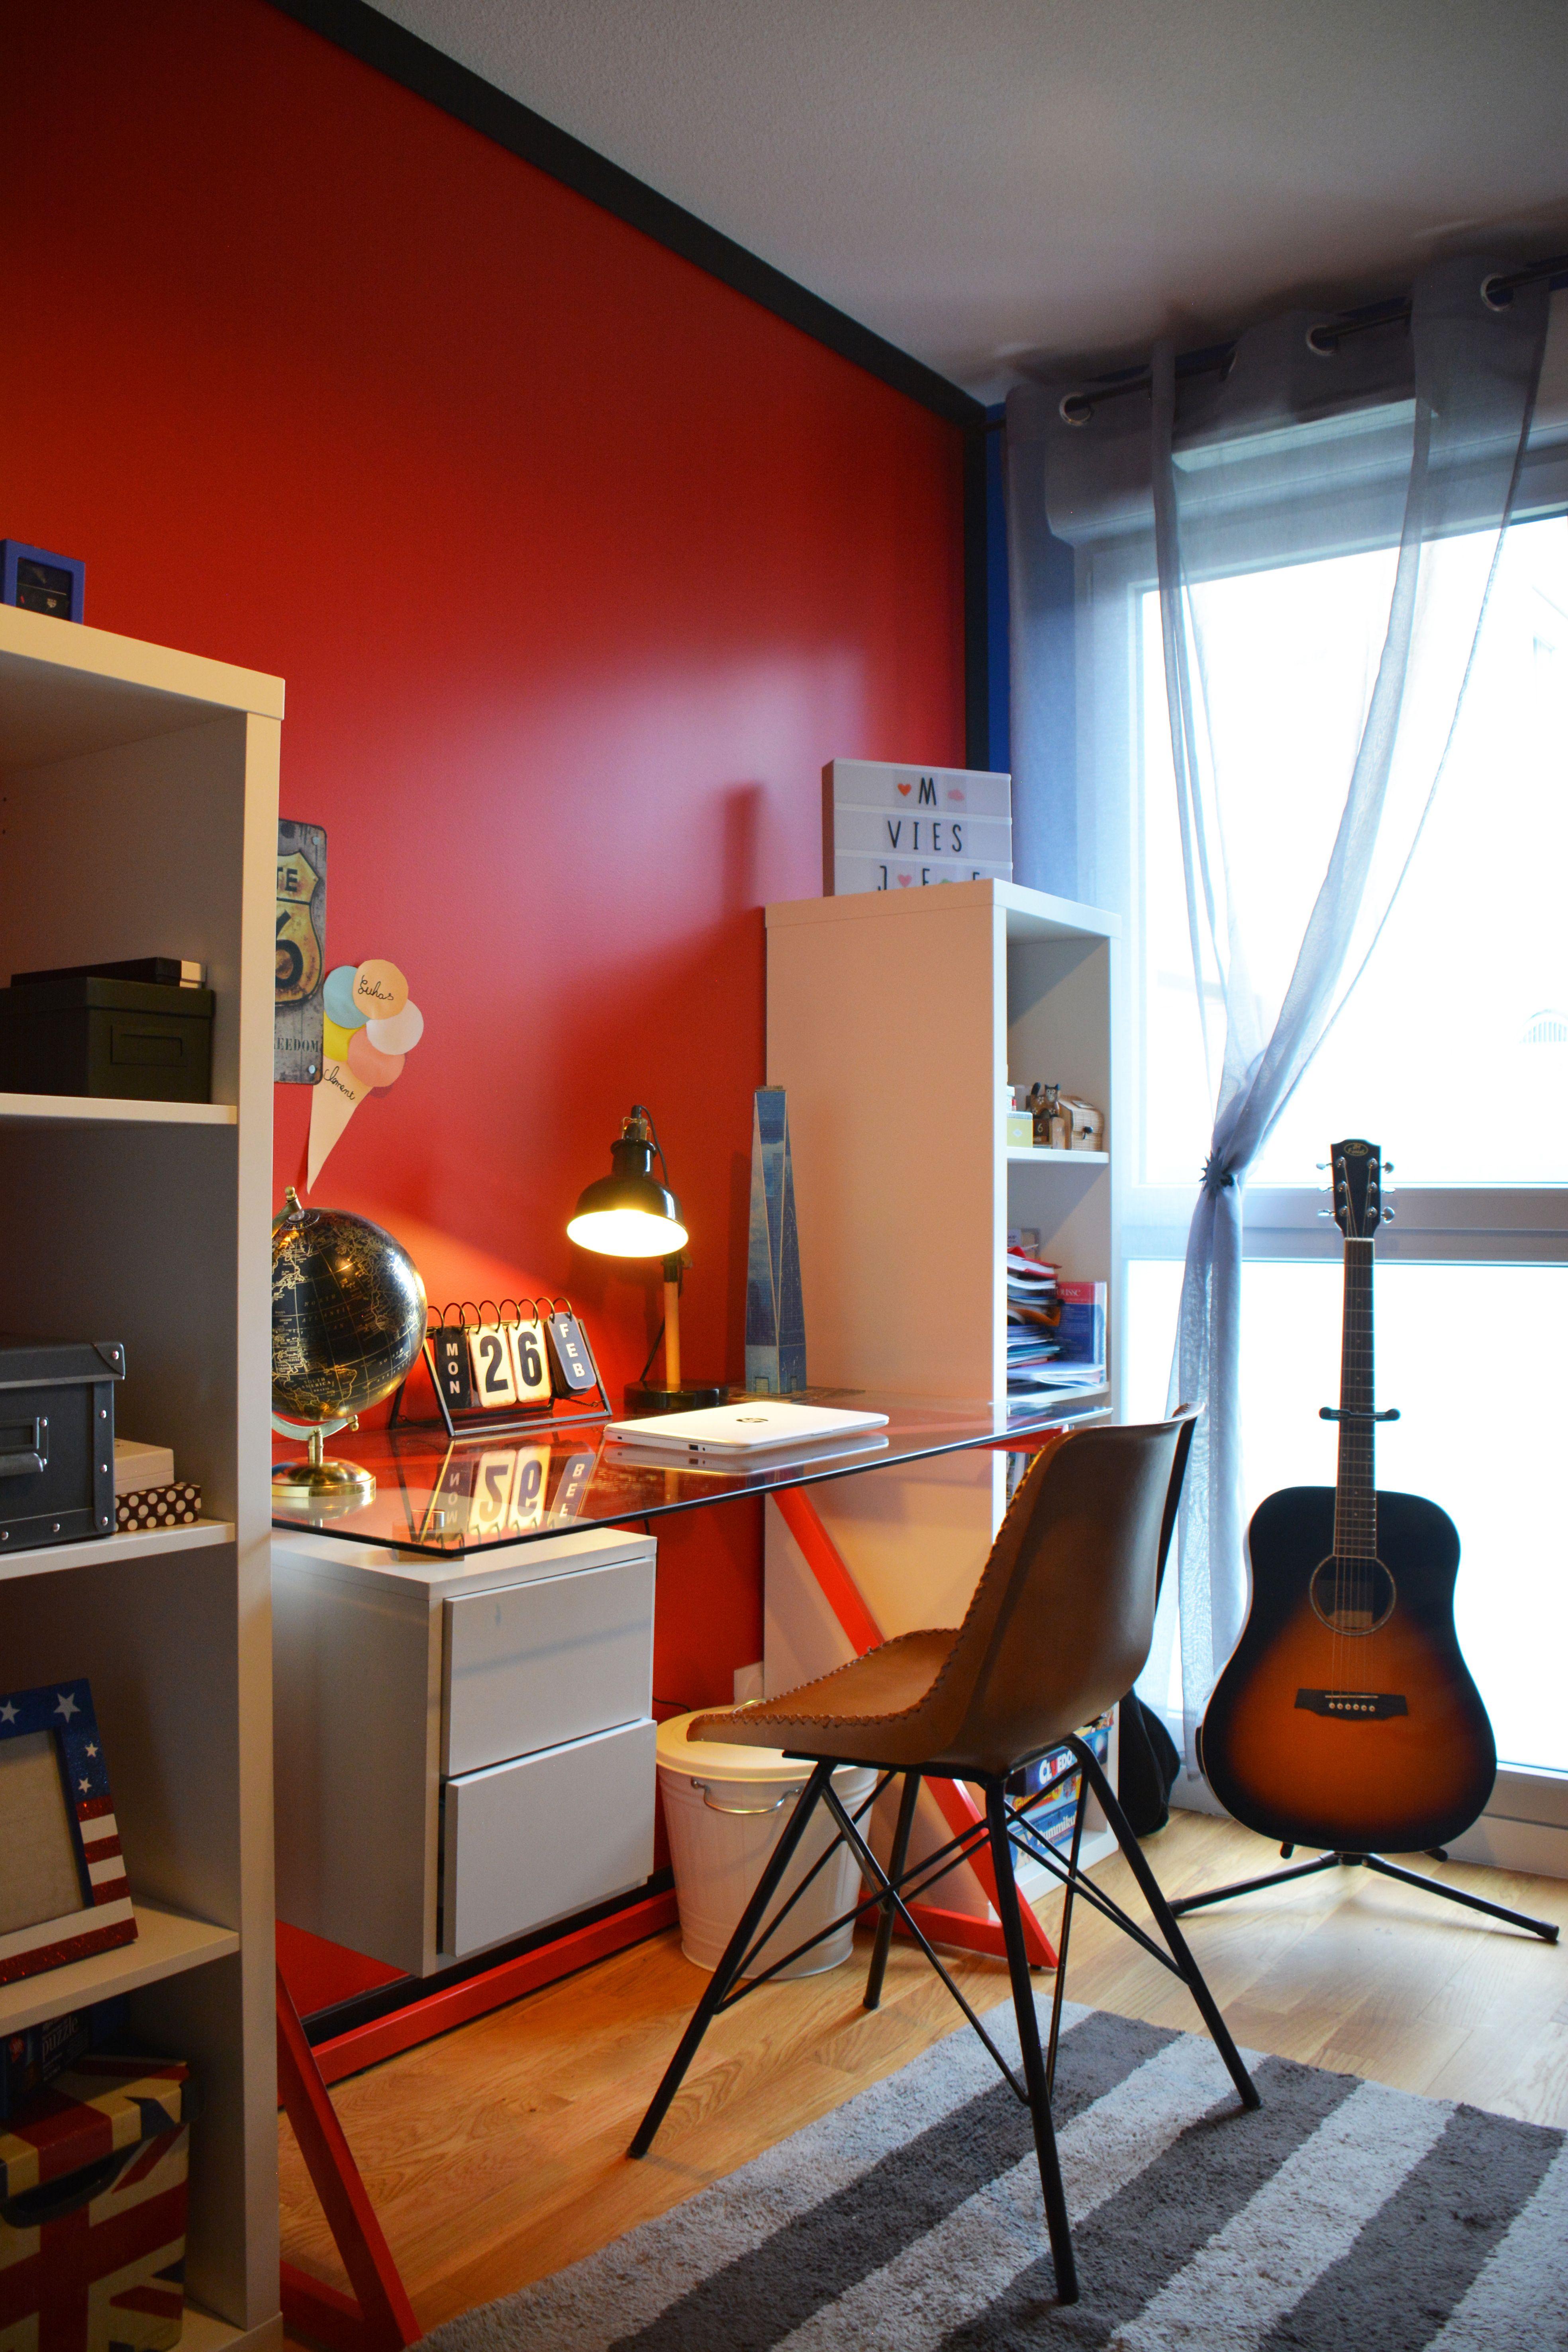 Chambre Ado Rouge | Chambre Ado Blanc Kaki Rouge Photo 6 8 3514042